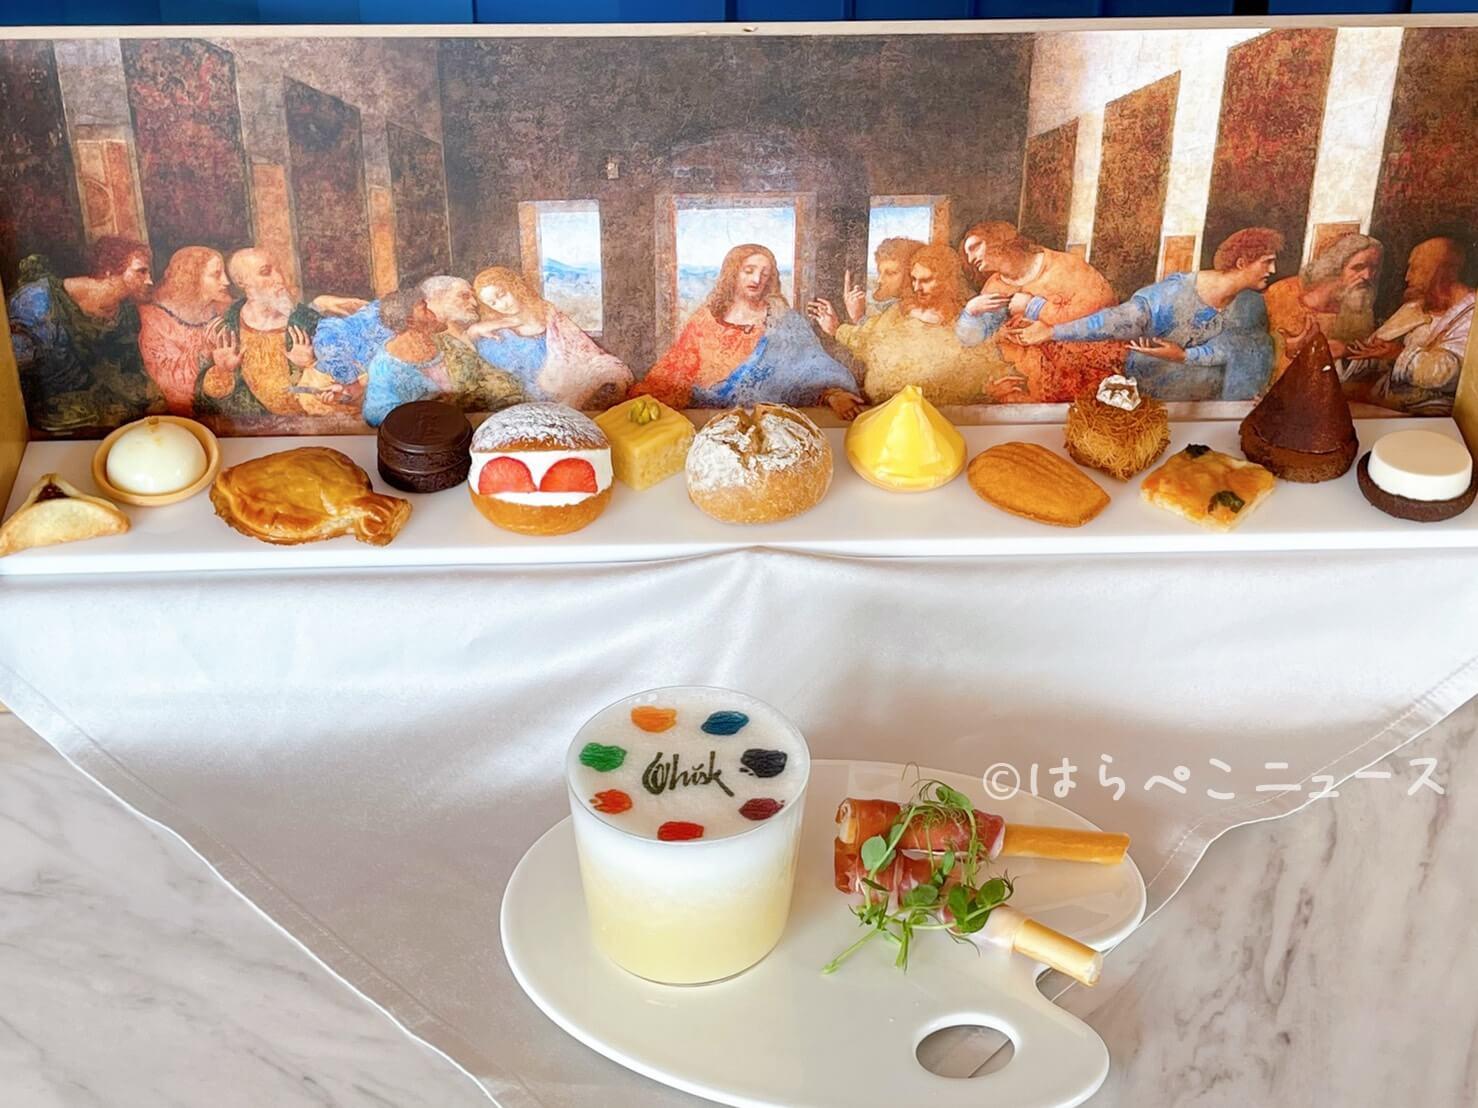 【実食レポ】メズム東京「ウィスク」最後の晩餐モチーフのアフタヌーンティー『アフタヌーン・エキシビジョン』